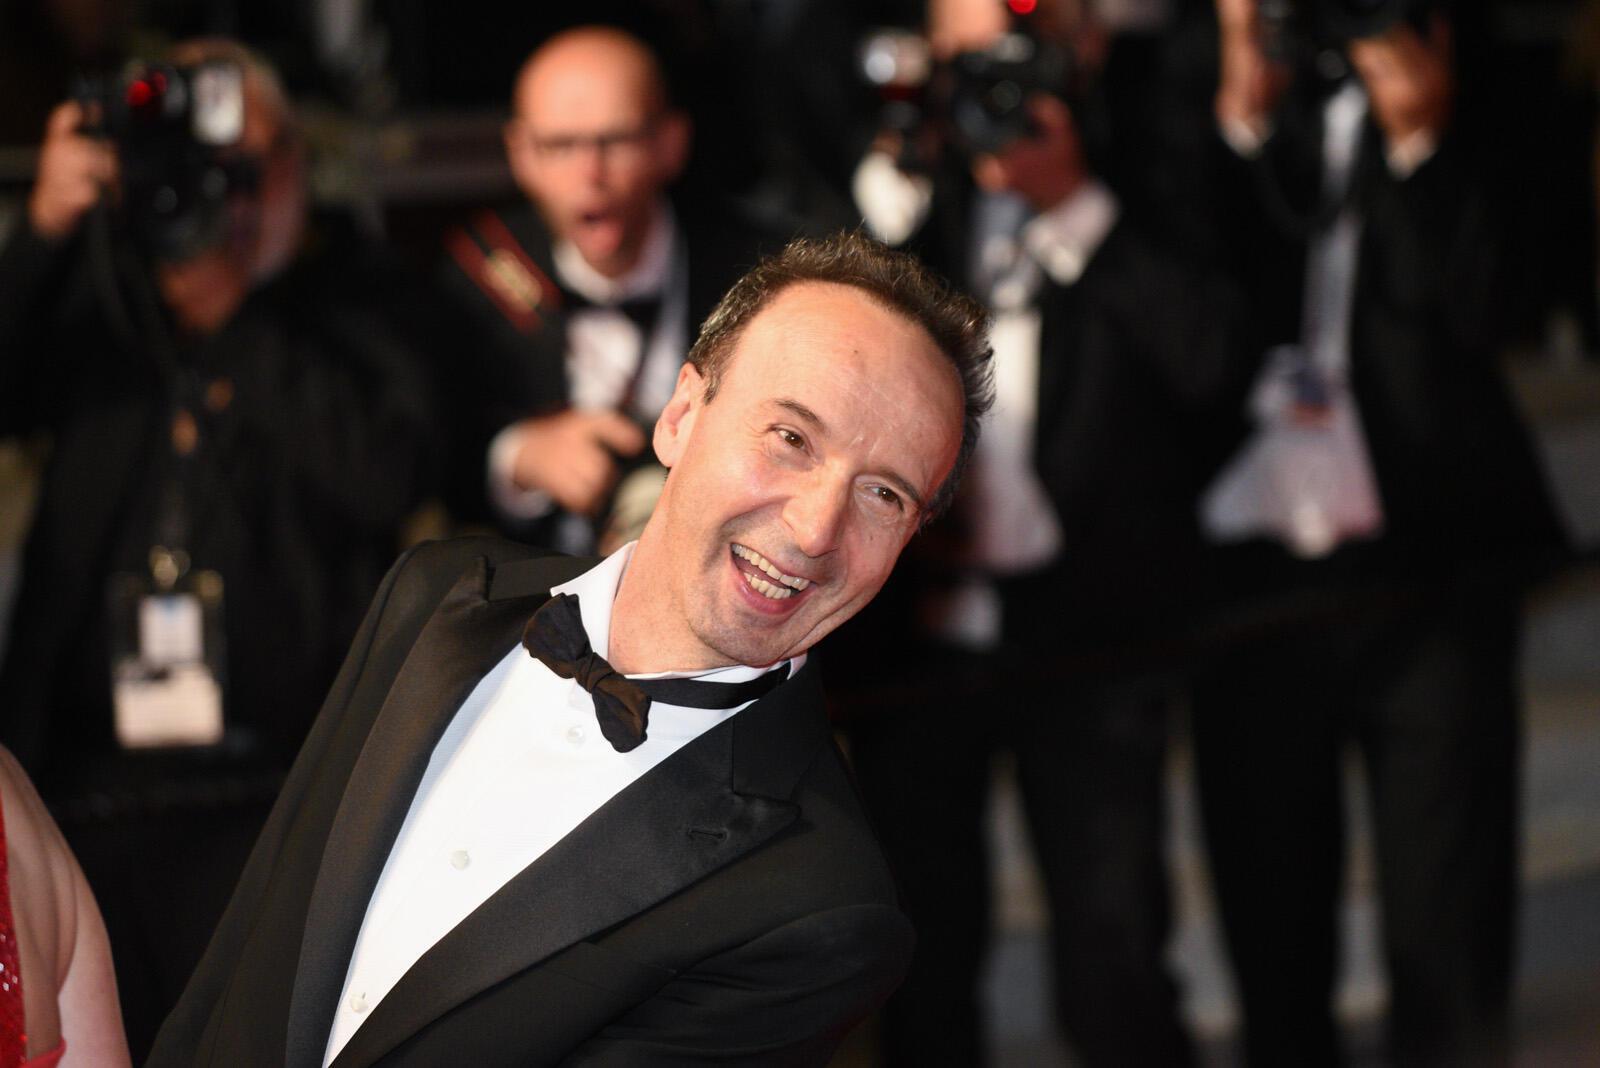 El cineasta italiano Roberto Benigni, muy popular en la Croisette, subió los escalones para asistir al estreno de 'Dogman'. Esta película italiana está en la carrera por la Palma de Oro.